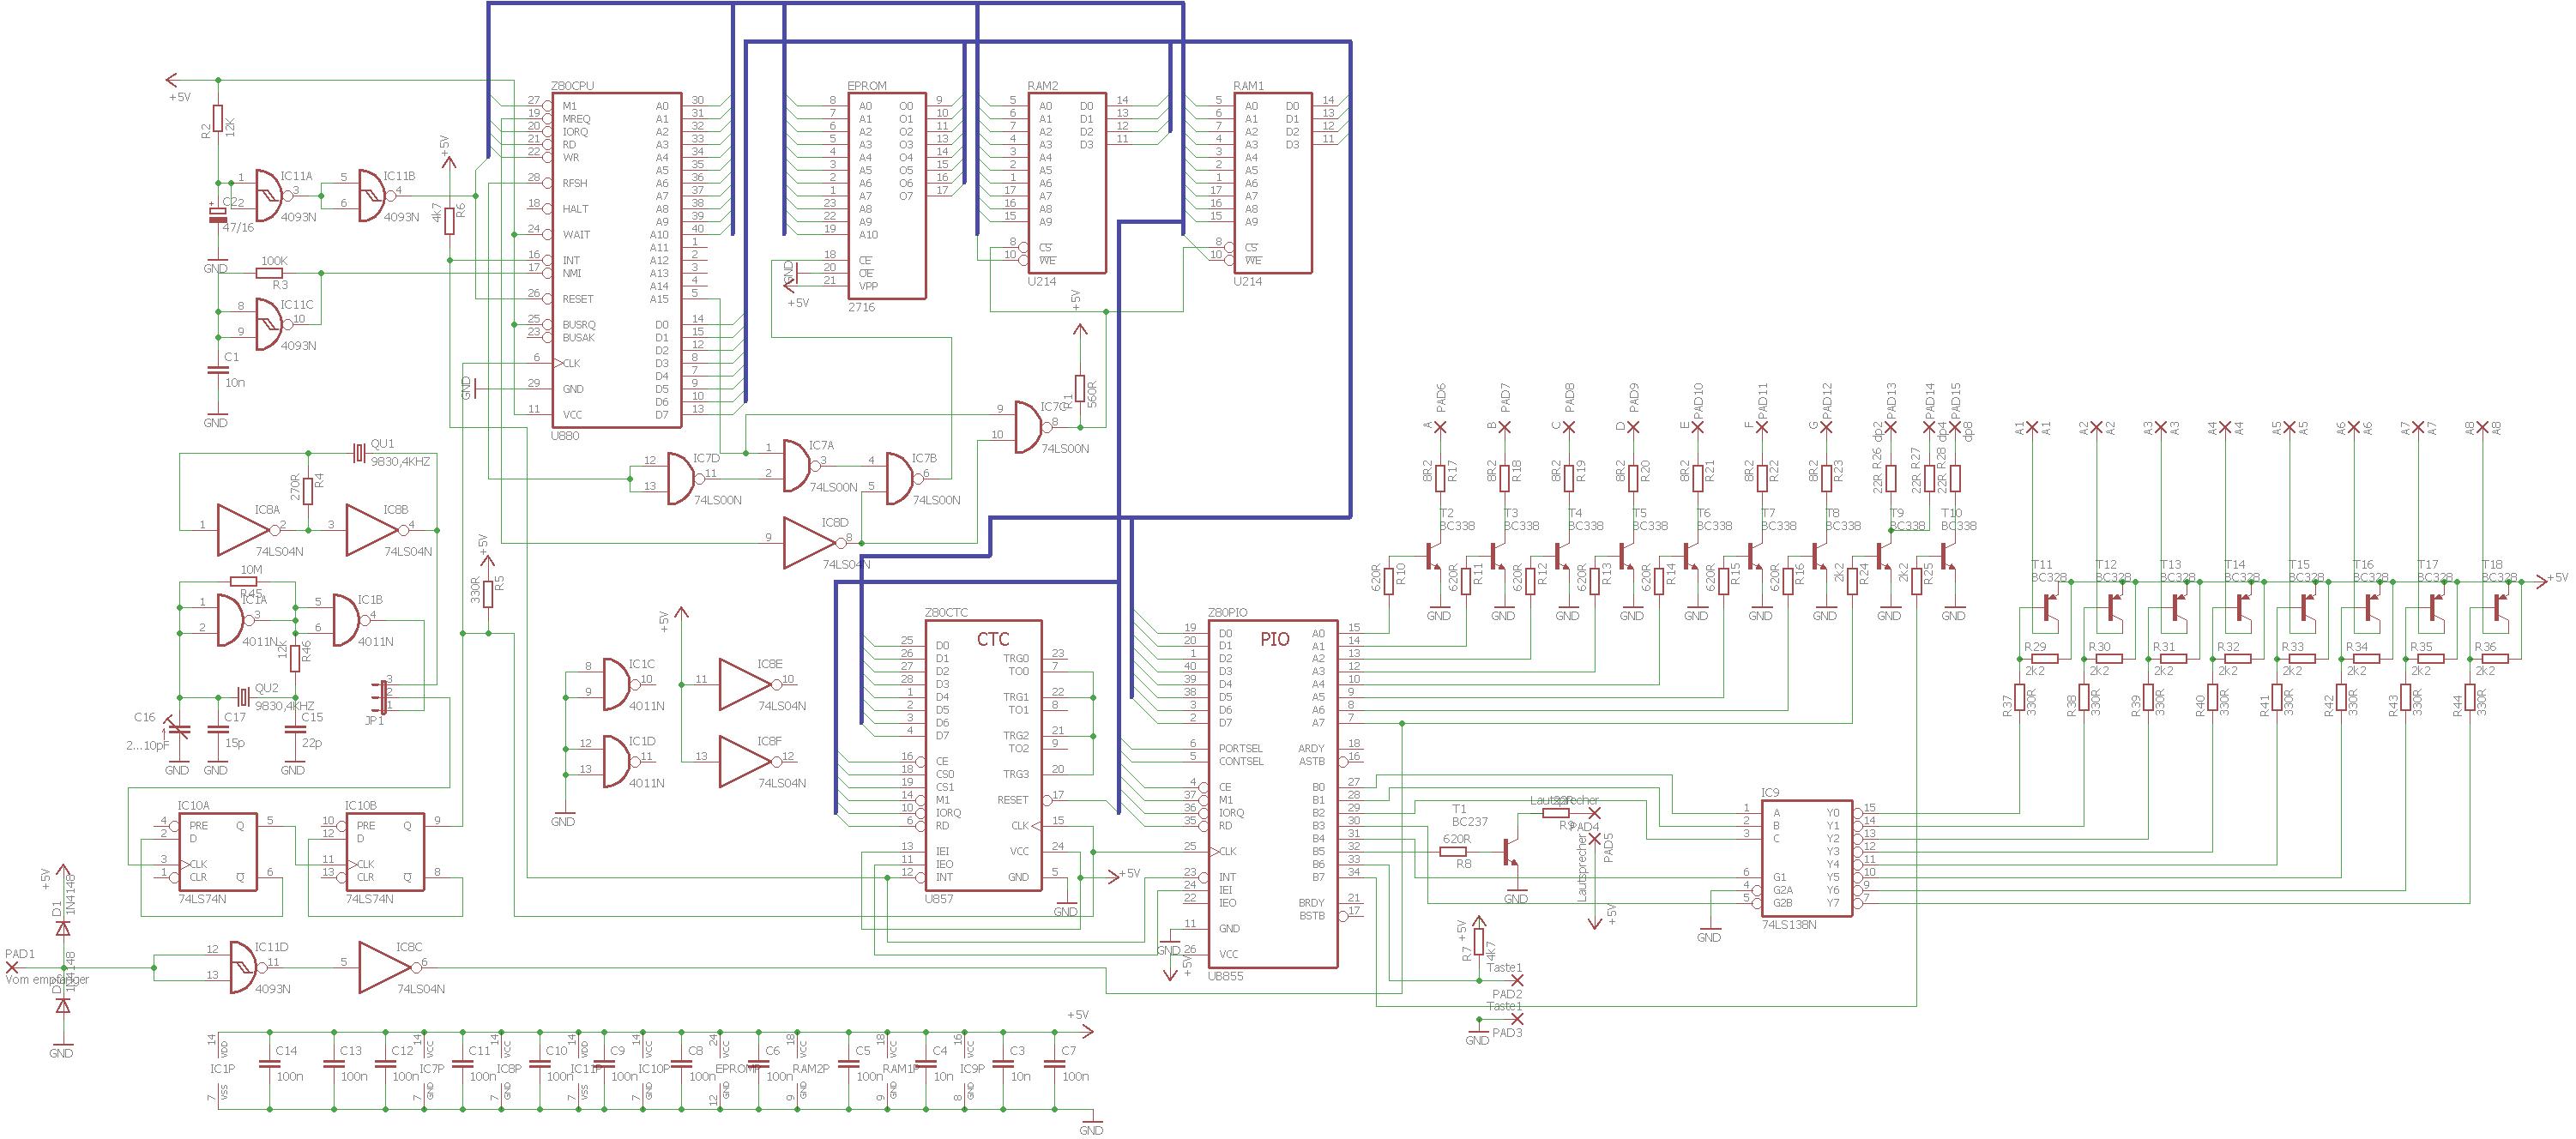 Tolle Sonnenuhr Und Plan Schaltplan Ideen - Schaltplan Serie Circuit ...